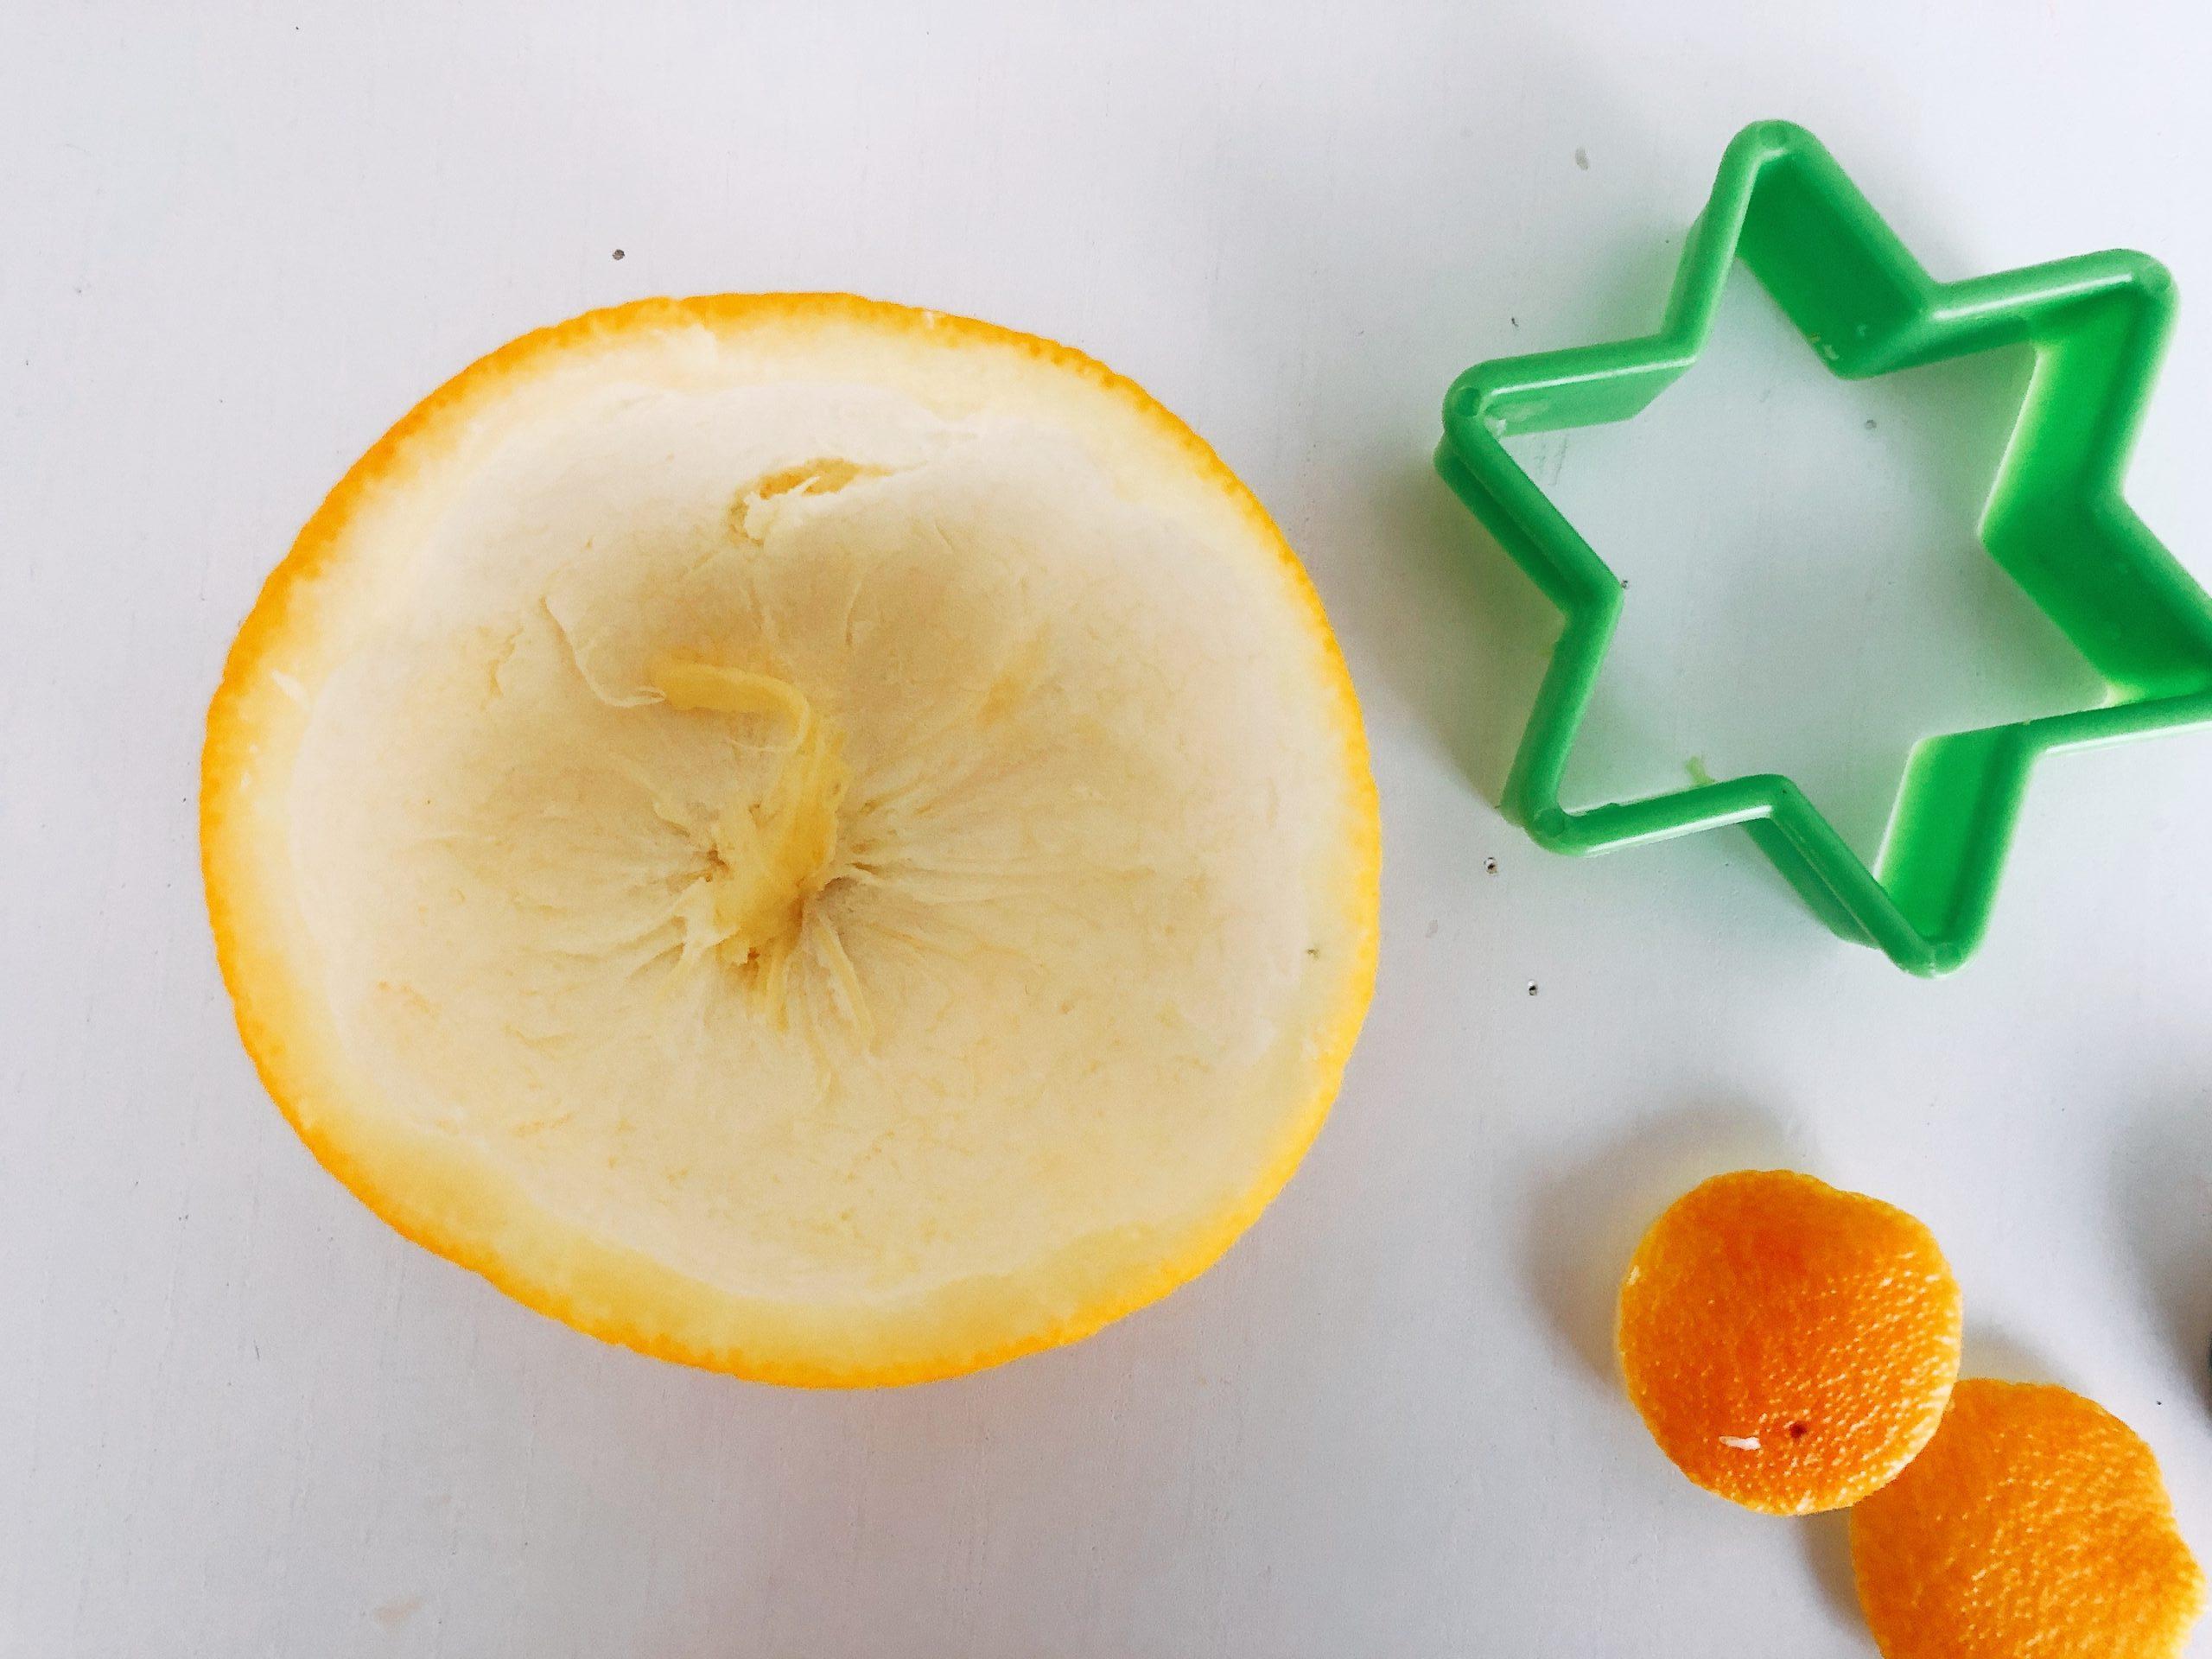 hacer adornos con cáscara de naranja